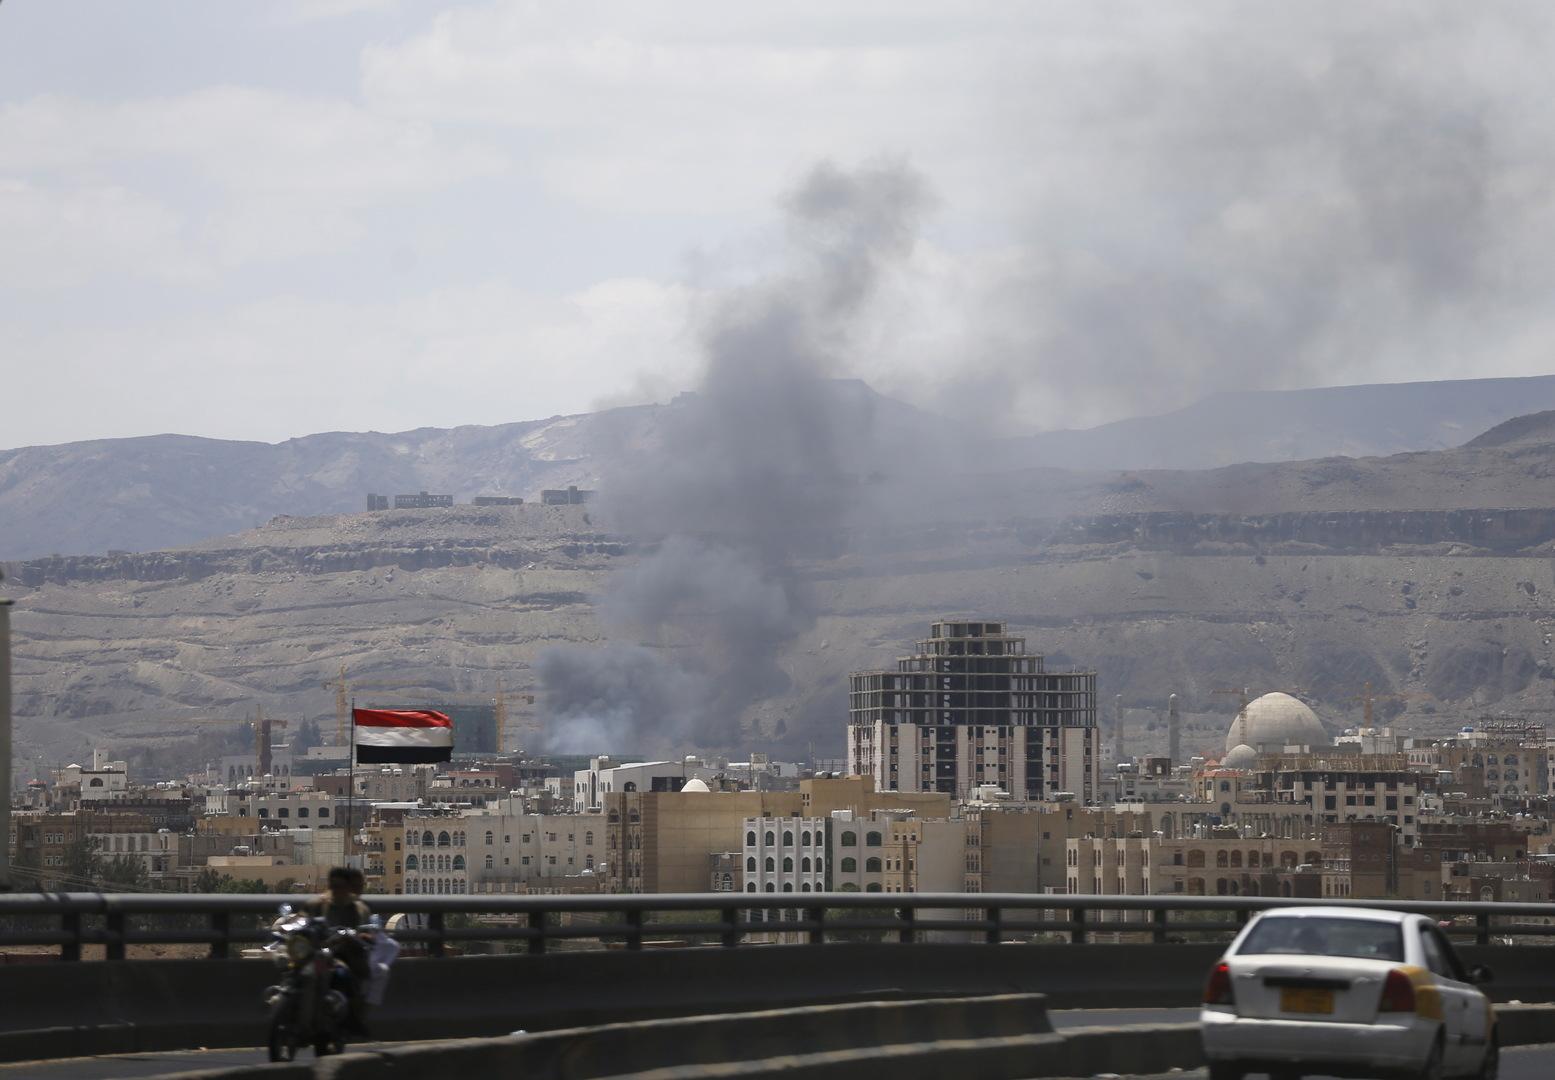 التحالف: تدمير 4 طائرات مسيرة قبل انطلاقها من قاعدتها في صنعاء